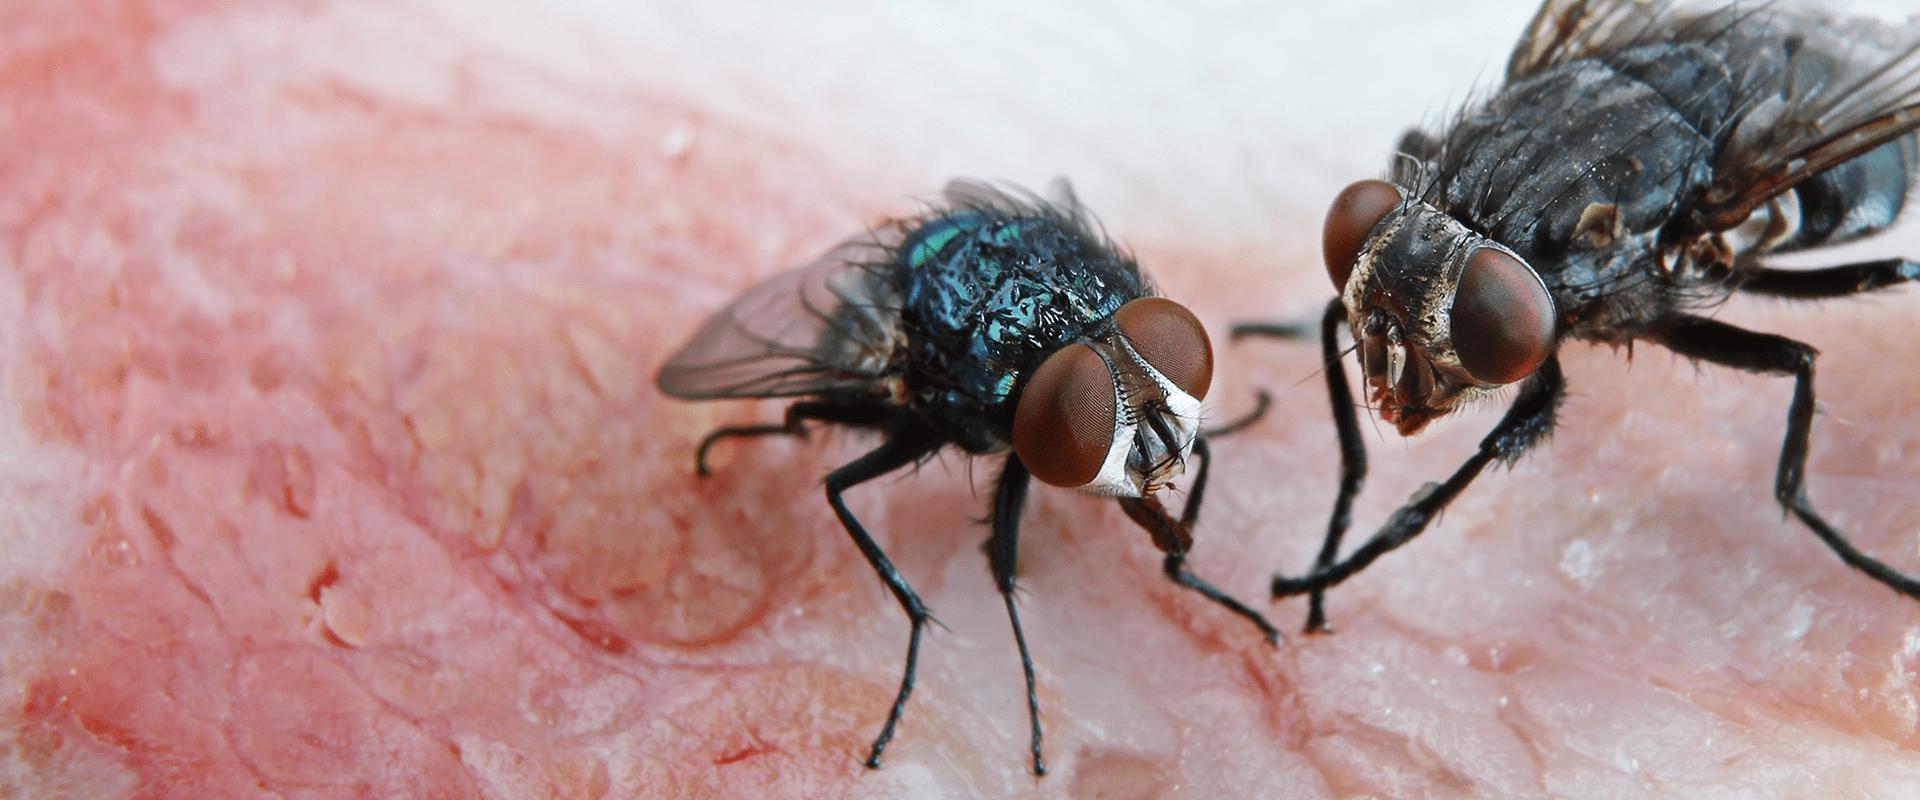 flies on a fruit in lenoir kitchen